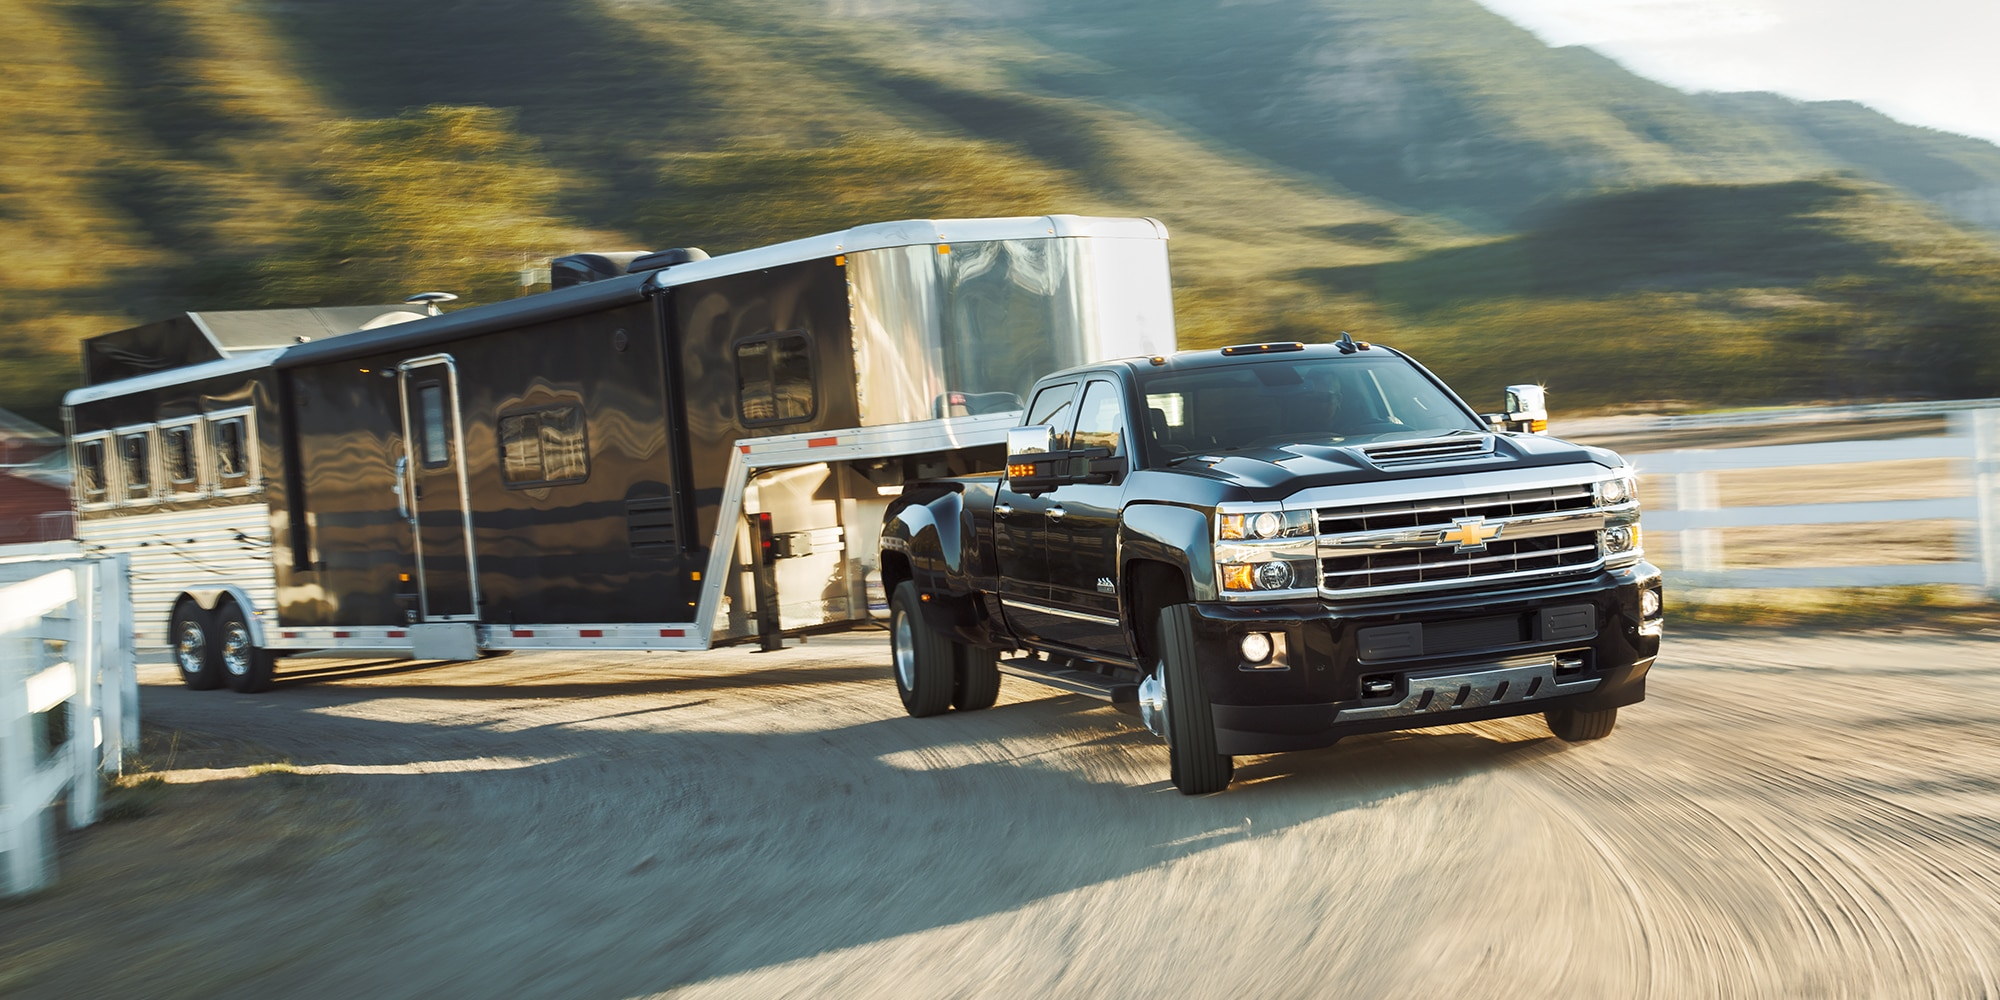 Desempeño de la camioneta Silverado HD 2018 para trabajos pesados: control de estabilidad para remolque 2